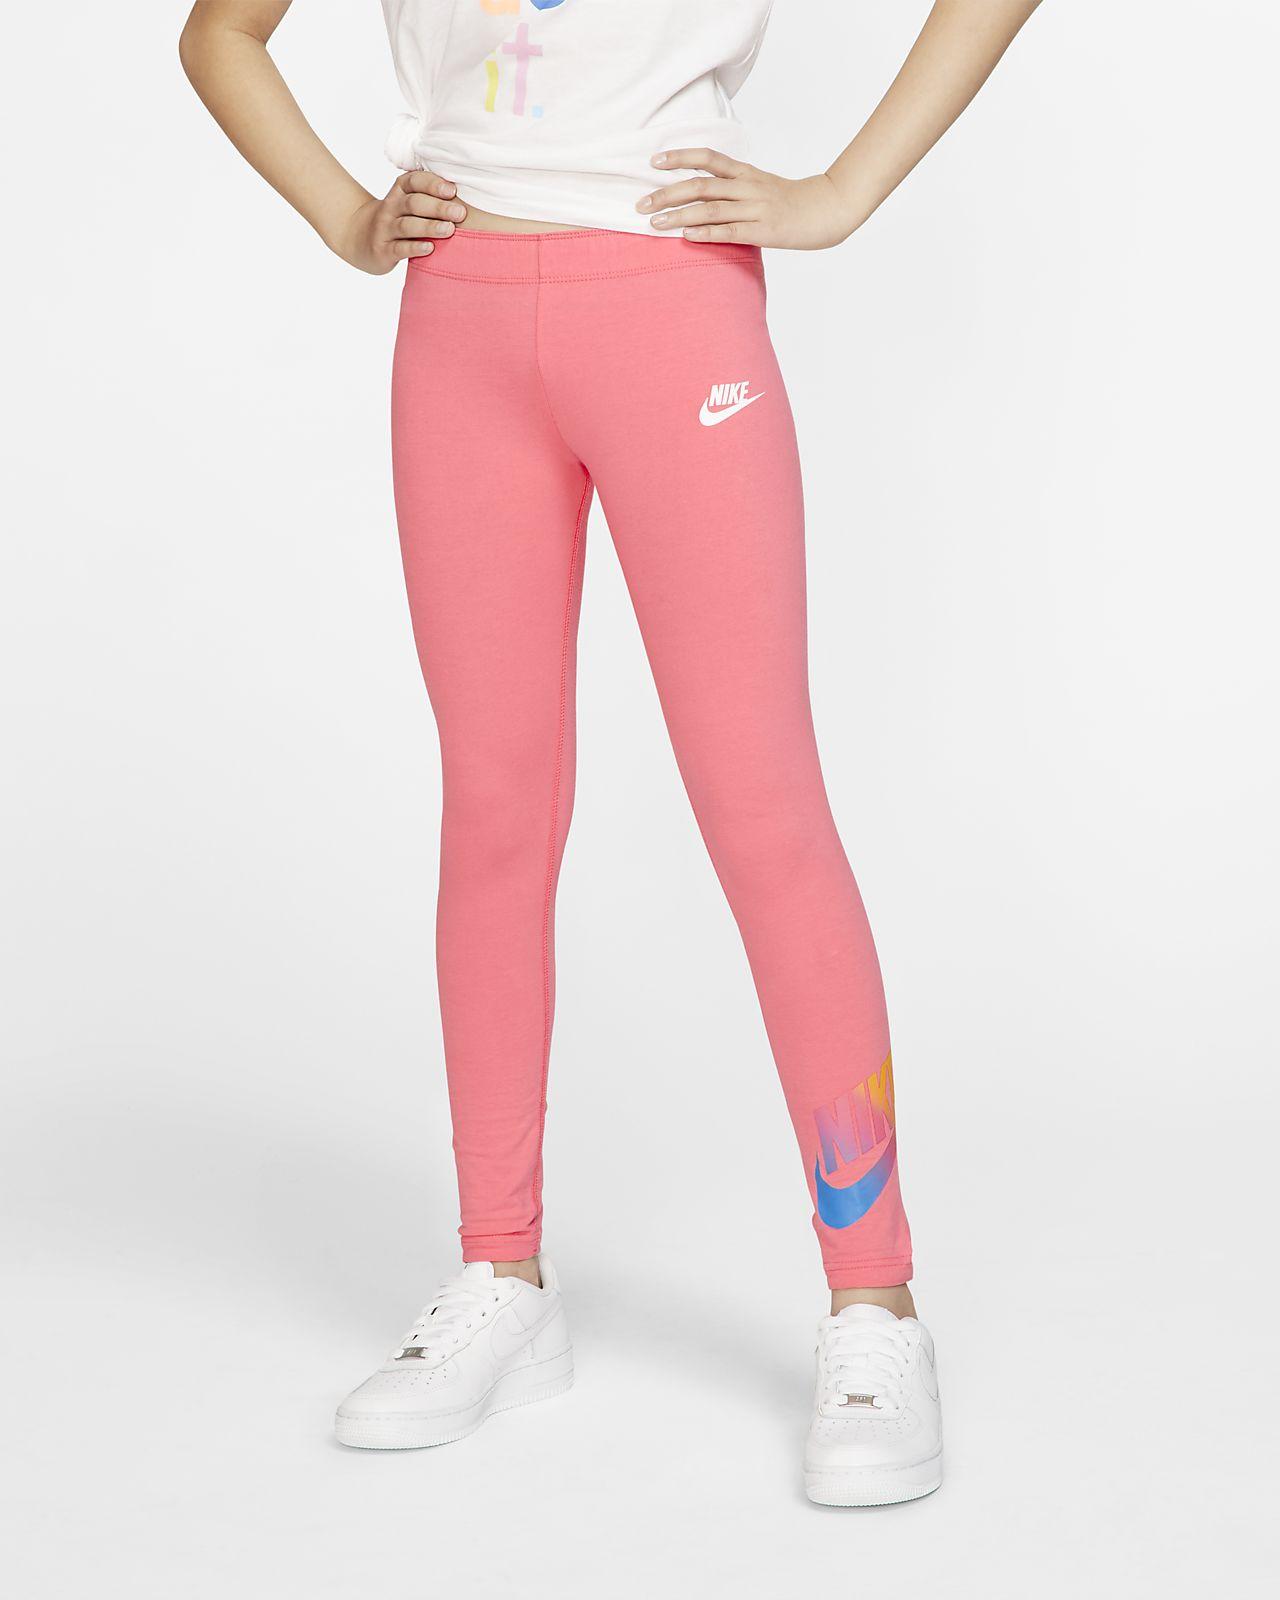 เลกกิ้งเด็กโต Nike Sportswear (หญิง)